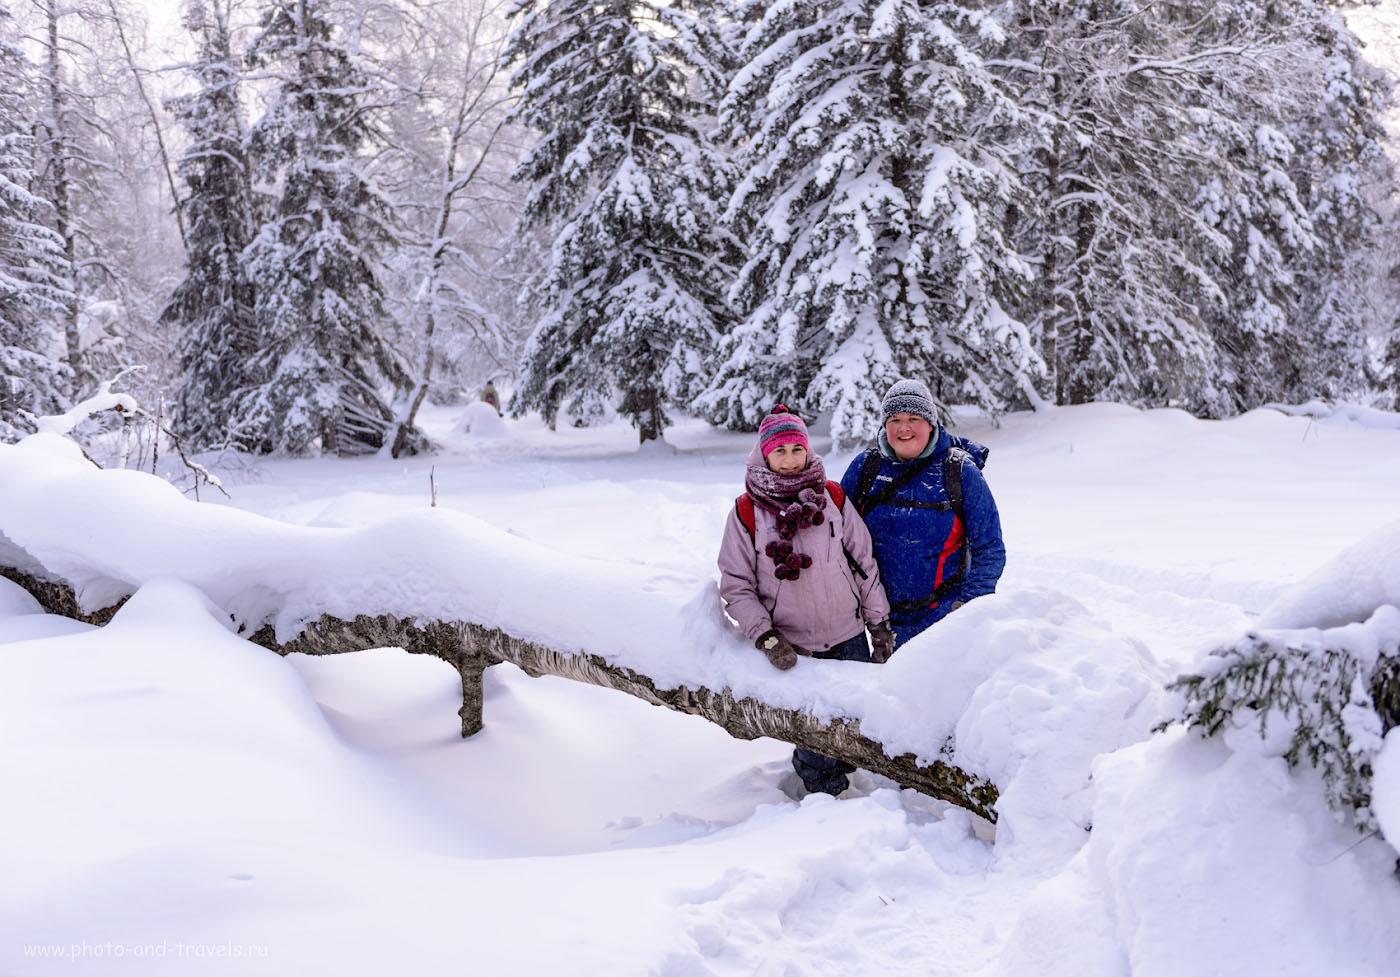 Фото 5. На пути к вершине хребта Зюраткуль. Отчет о поездке в национальный парк зимой. 1/250, 0.67, 2.8, 100, 38.